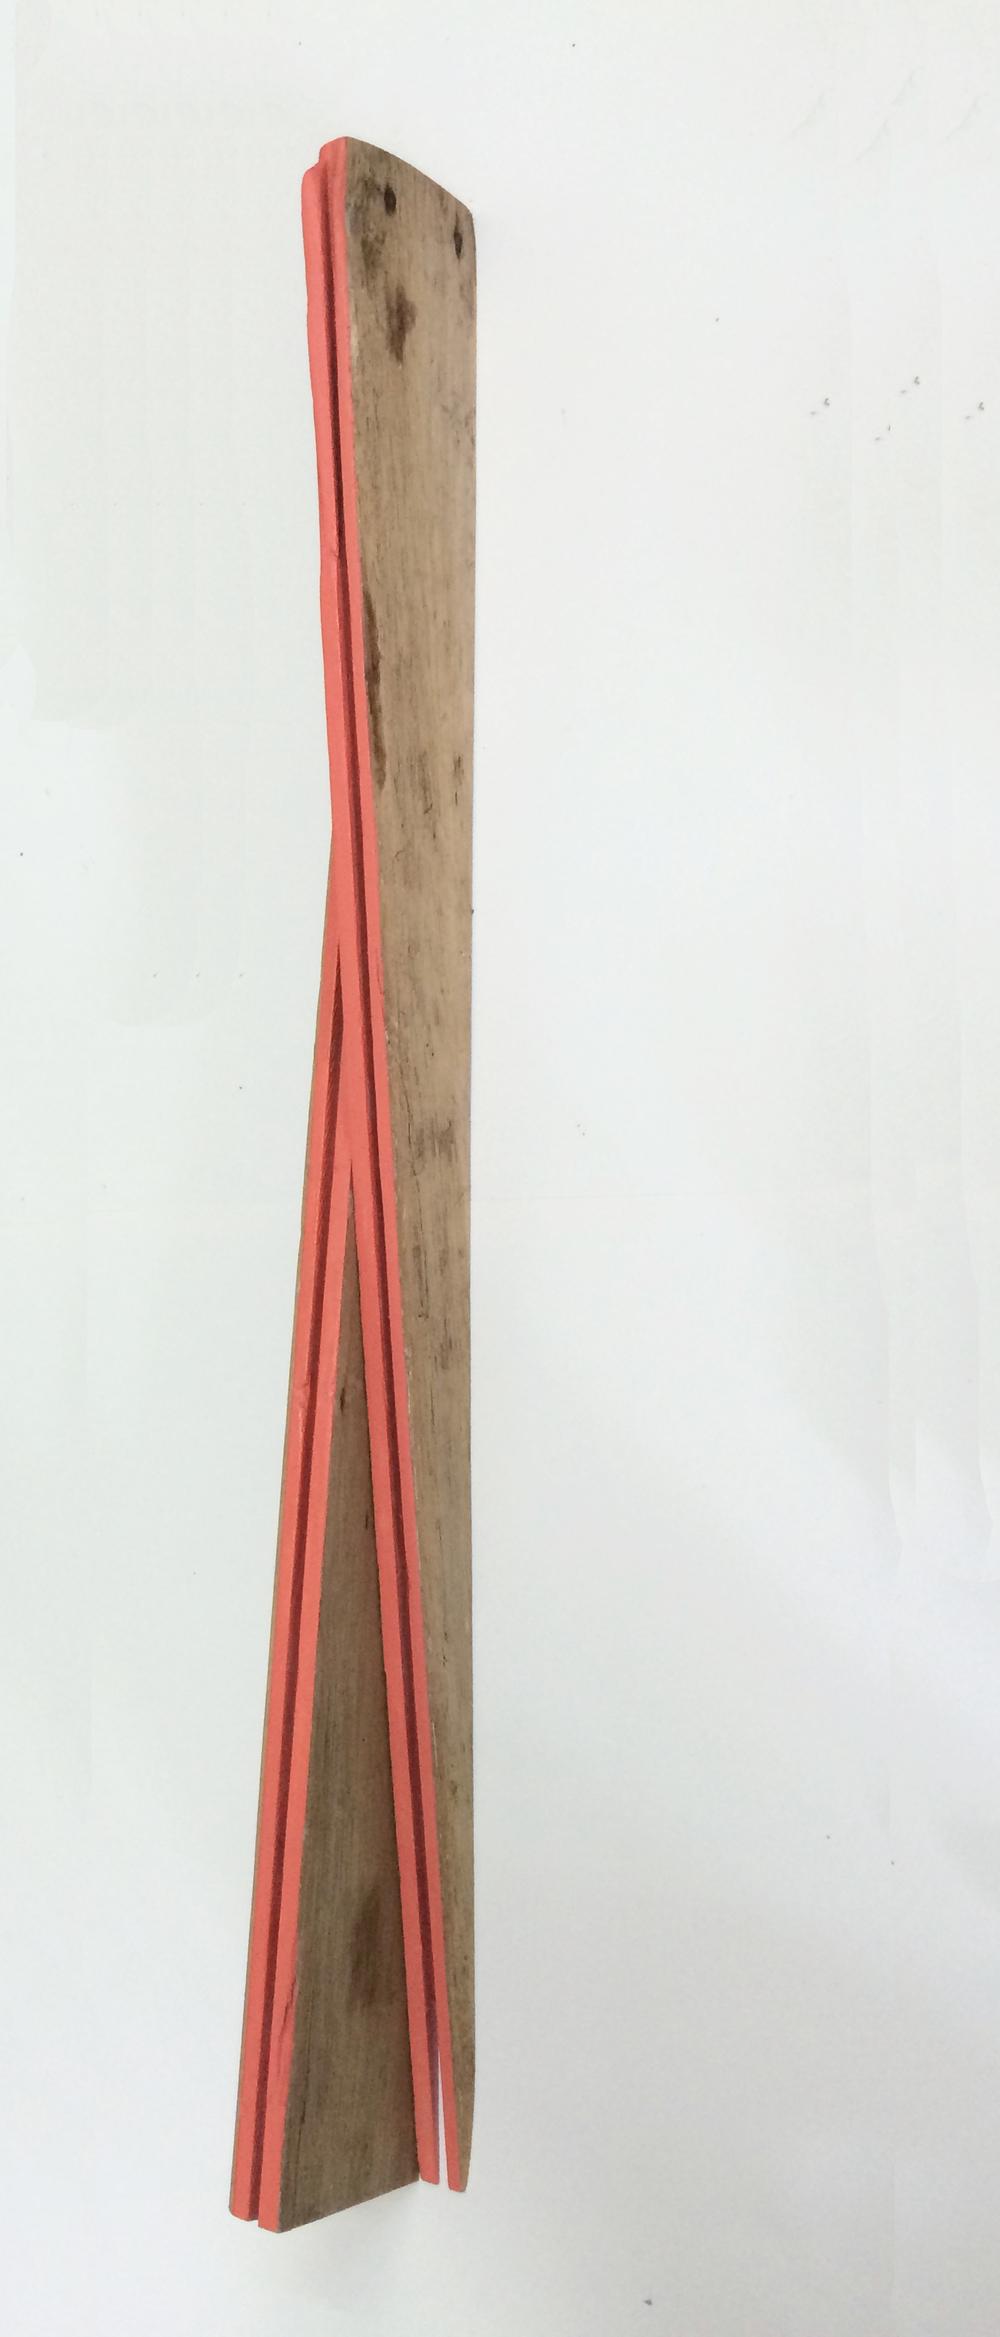 B- Lineas rosadas, 100 x 10 x 5 cms, óleo sobre madera